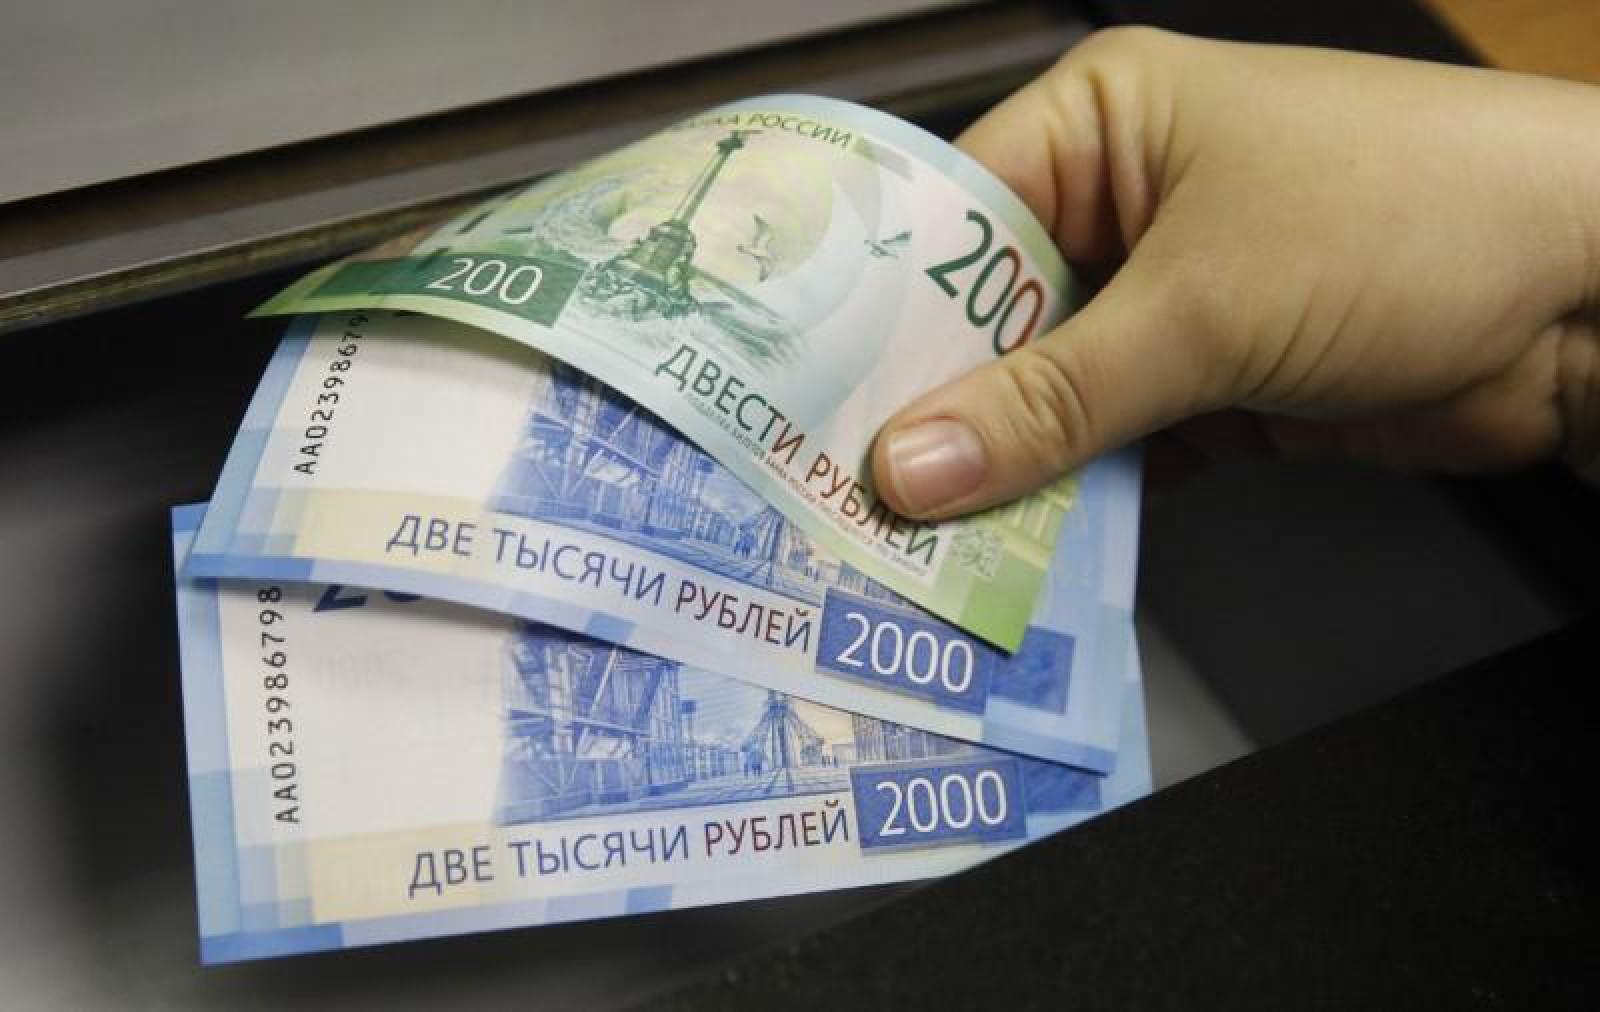 Rubla rusească, lovită de sancțiuni: A depășit 66 de dolari, pentru prima dată din noiembrie 2016